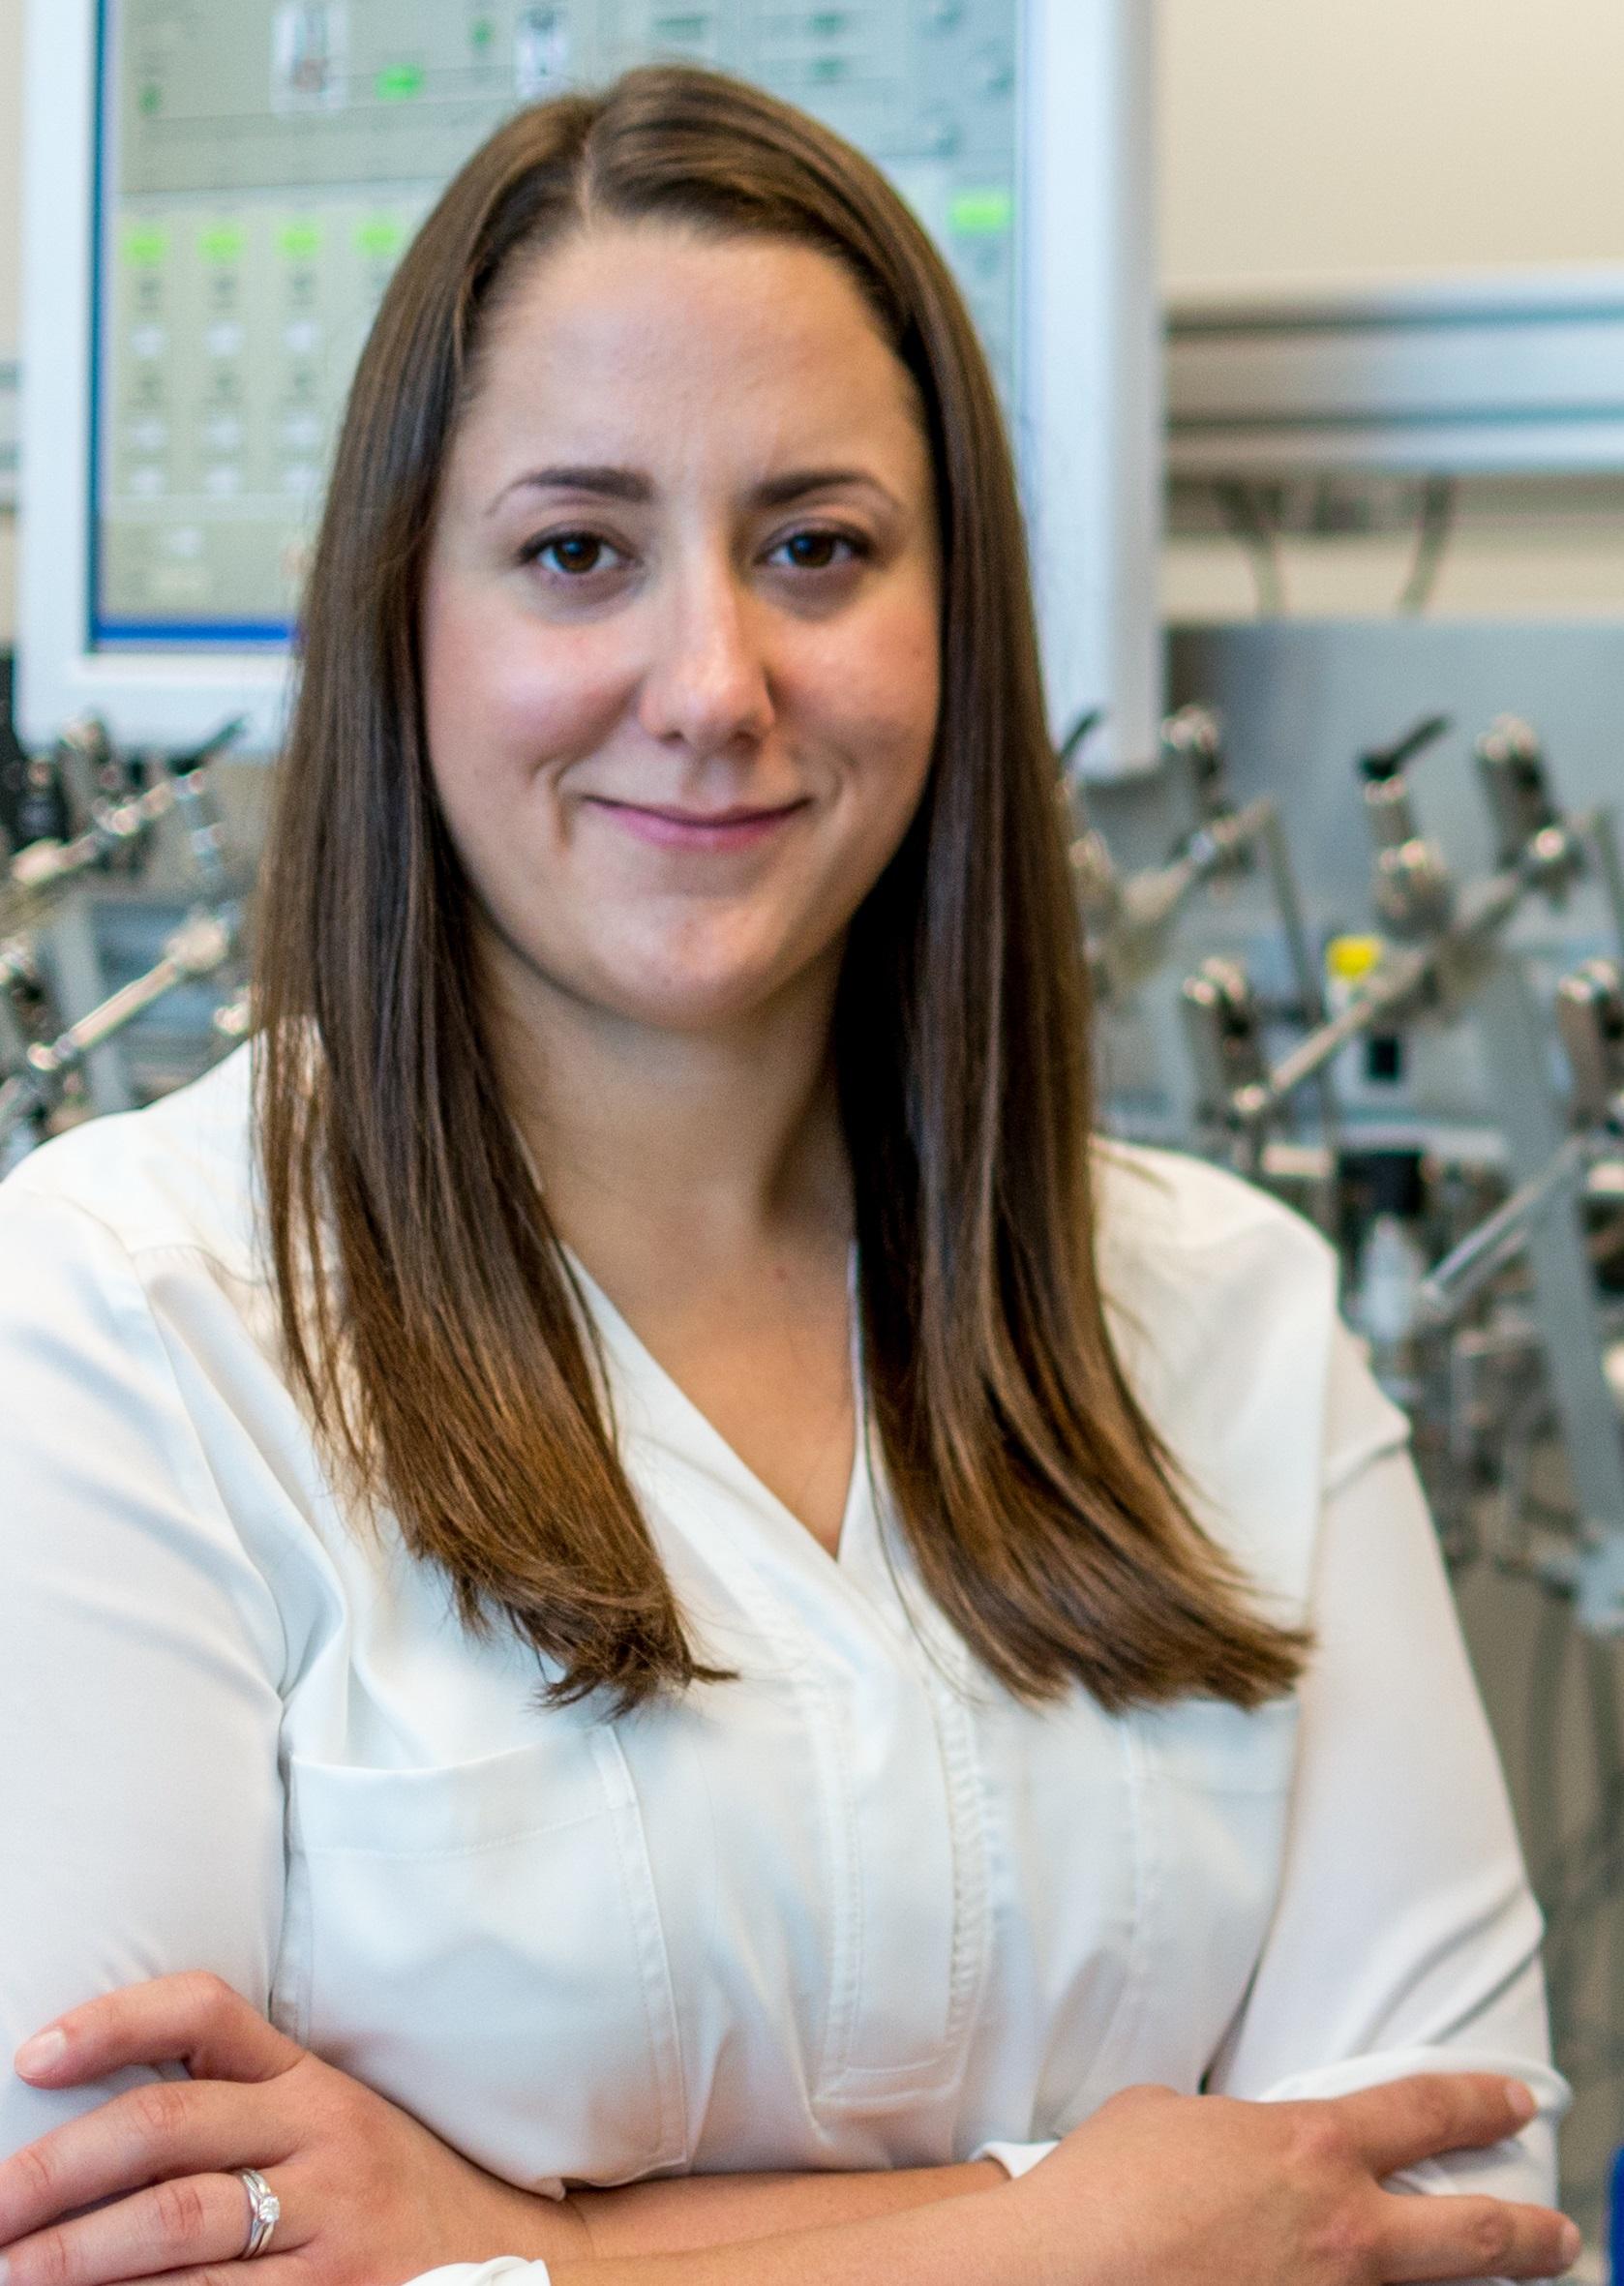 Sarah Murseli dans un laboratoire